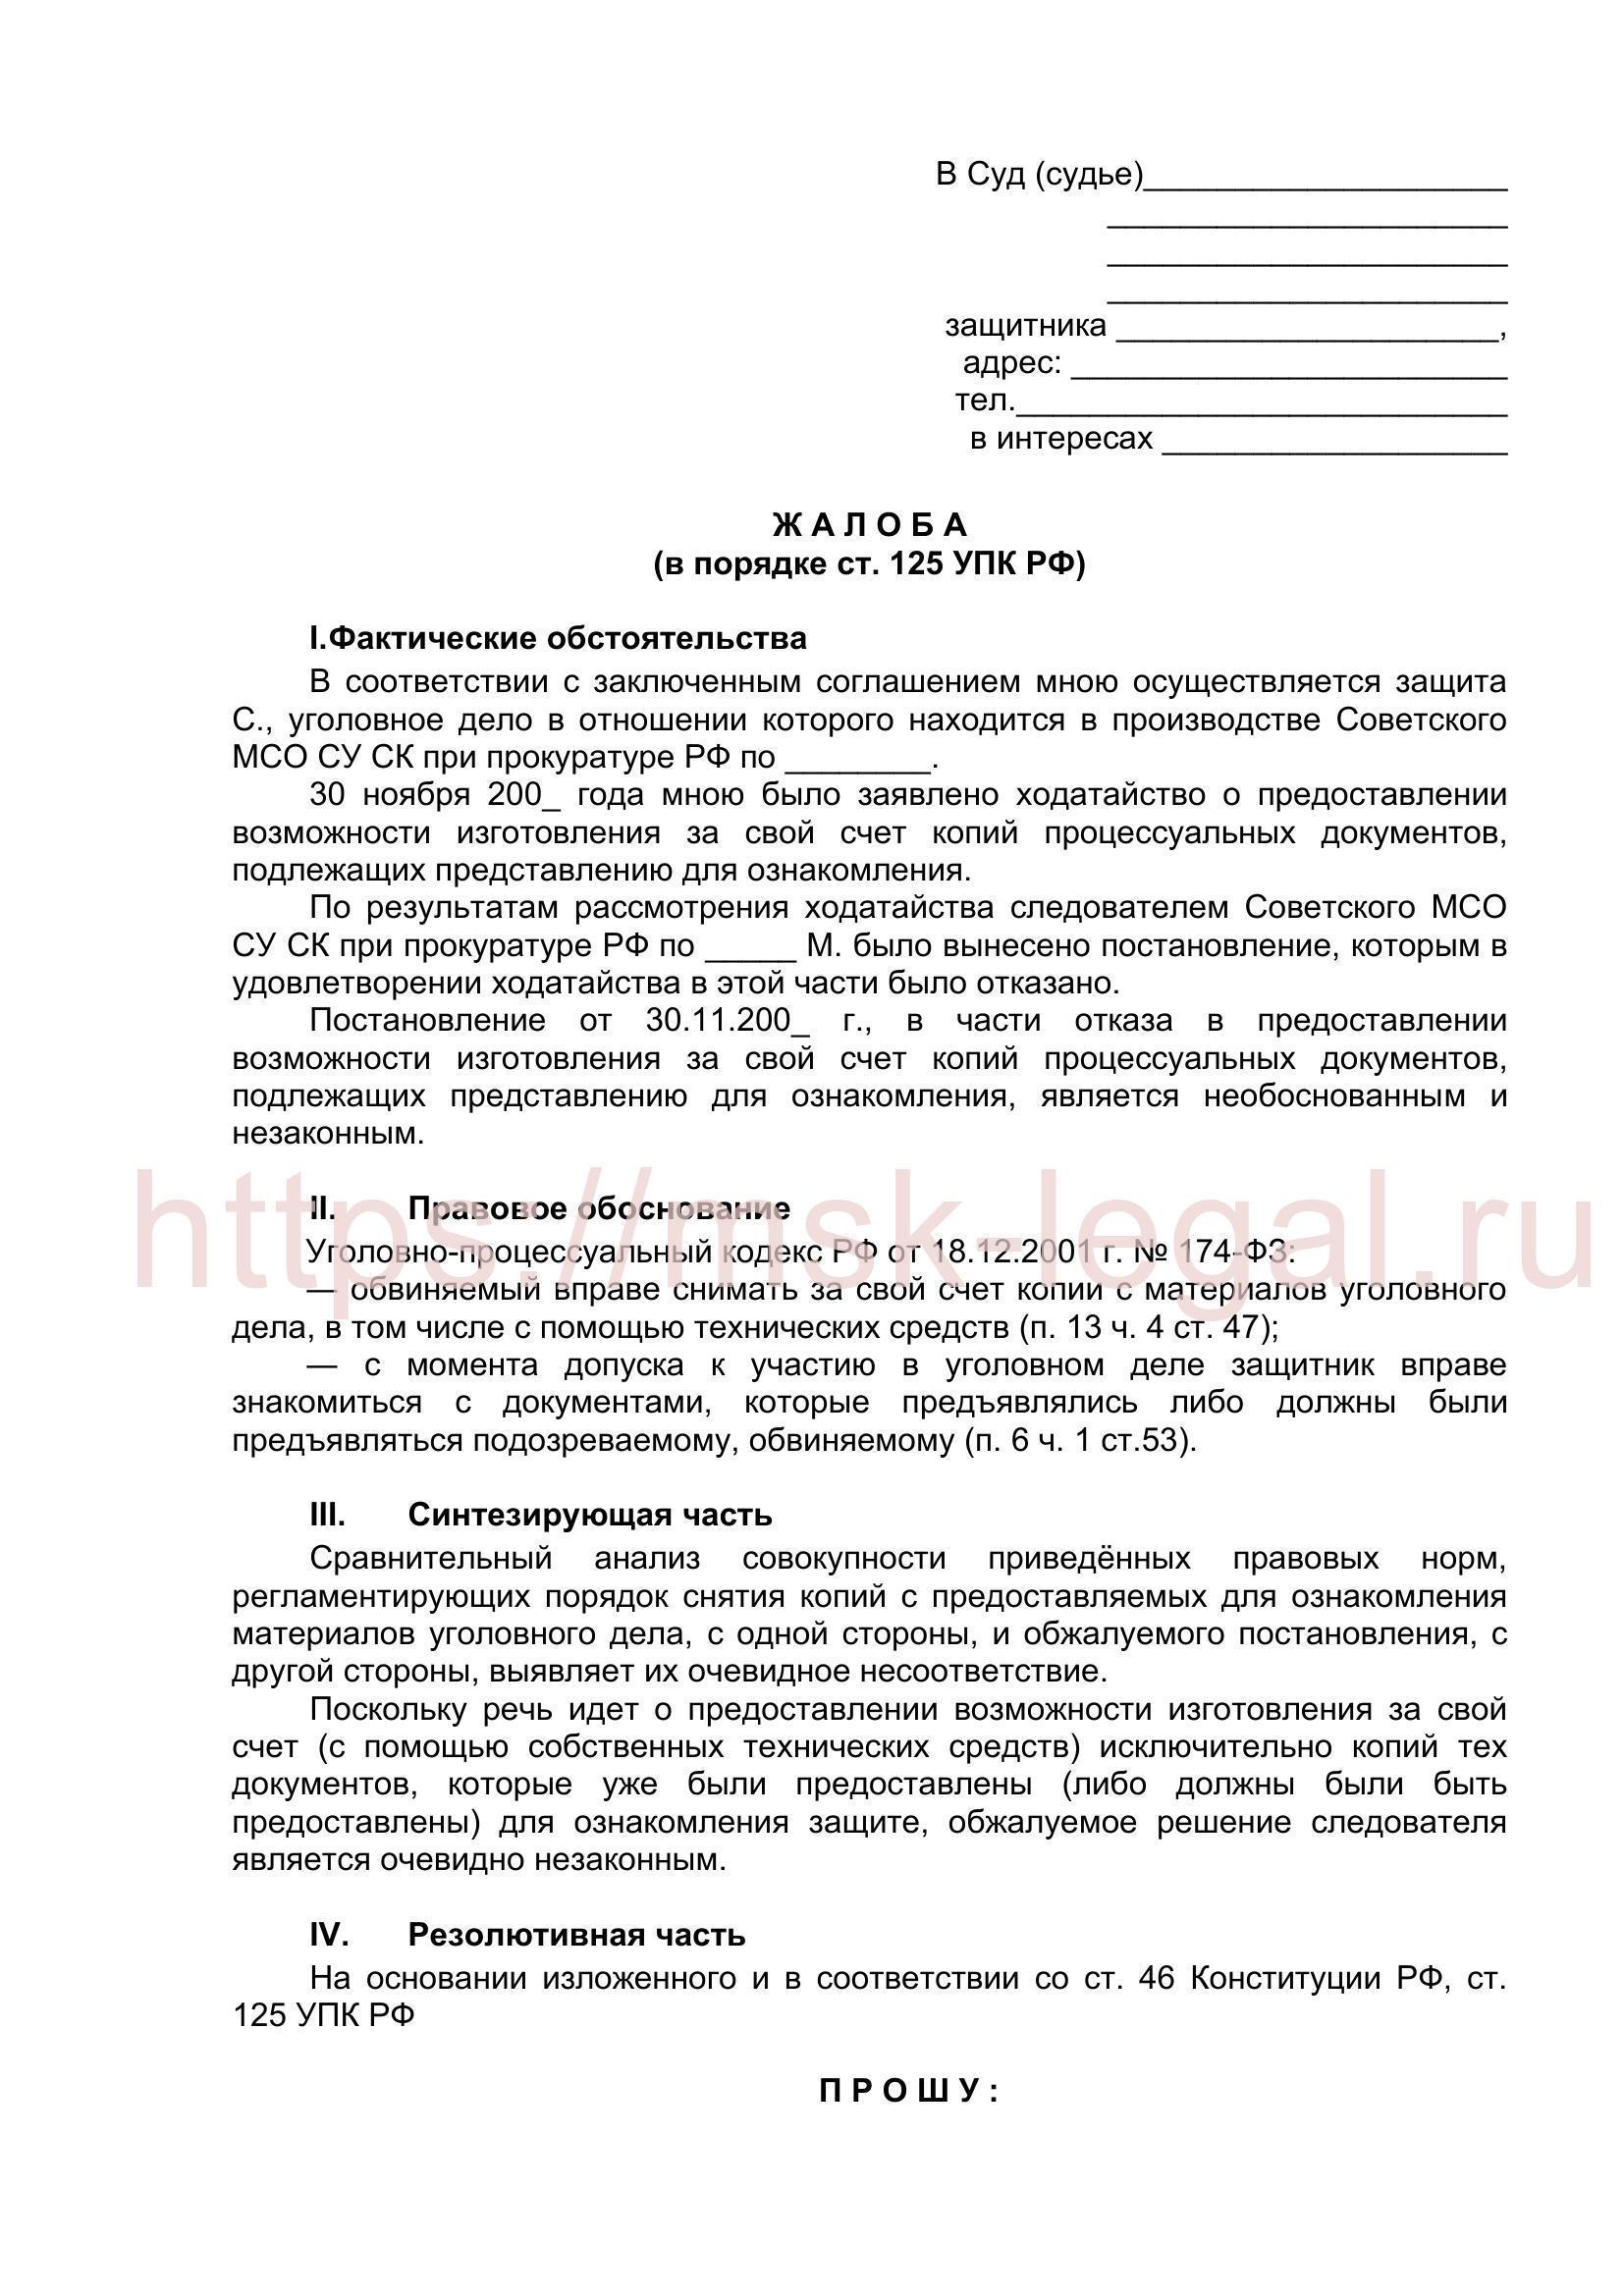 Жалоба на отказ следователя в предоставлении защите возможности изготовления за свой счет копий процессуальных документов